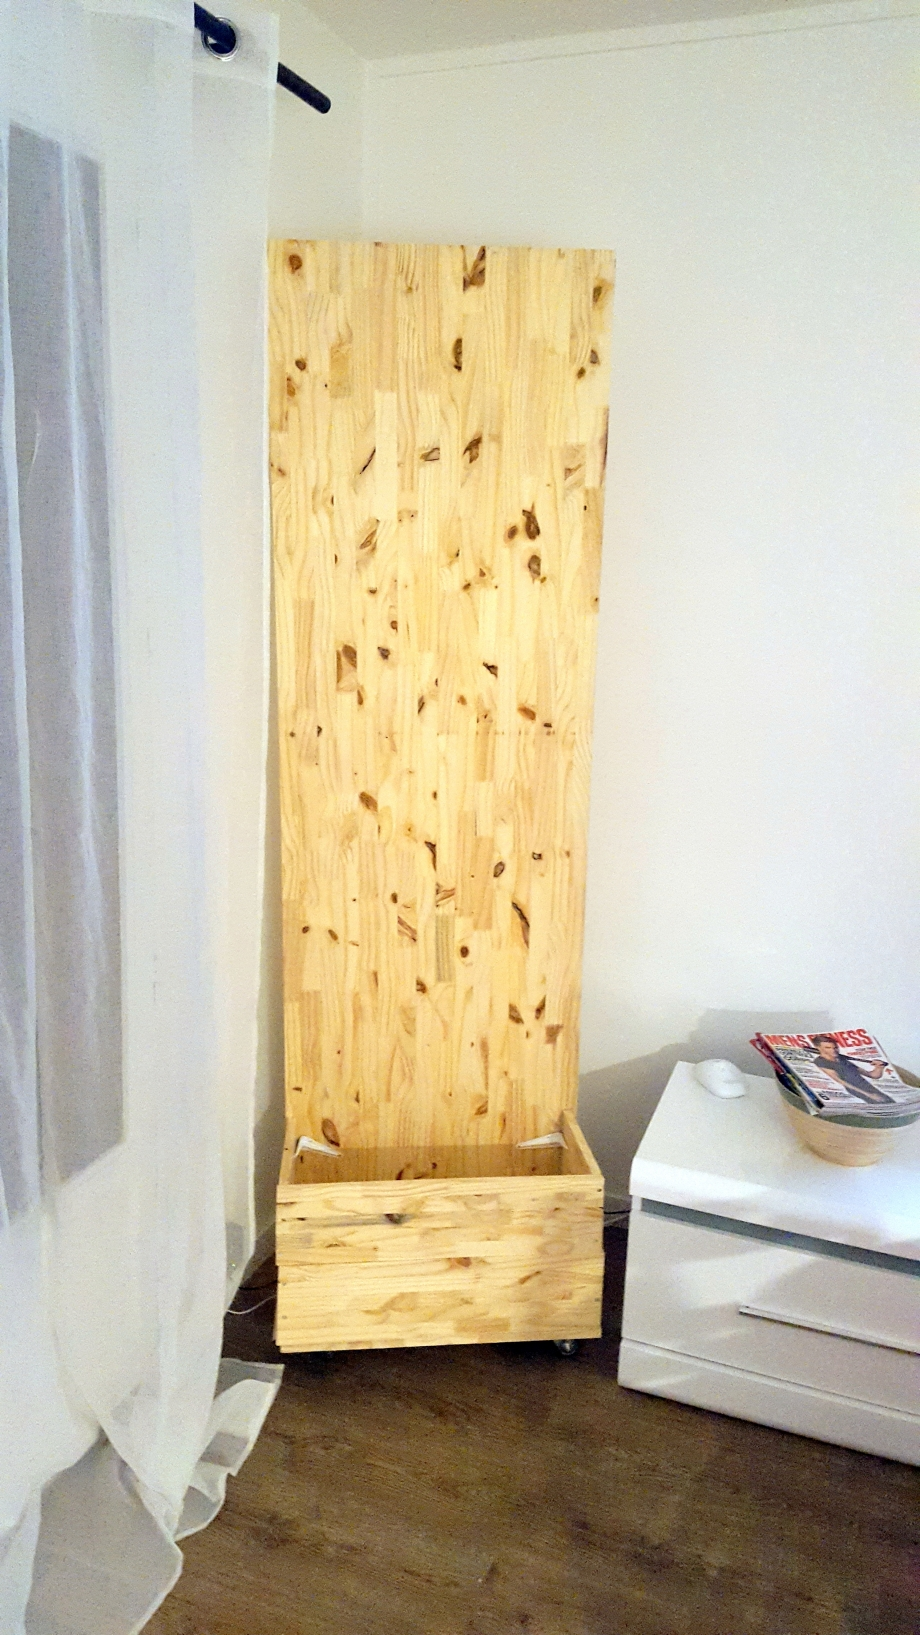 structure bois mur végétal 10 fev 17.jpg